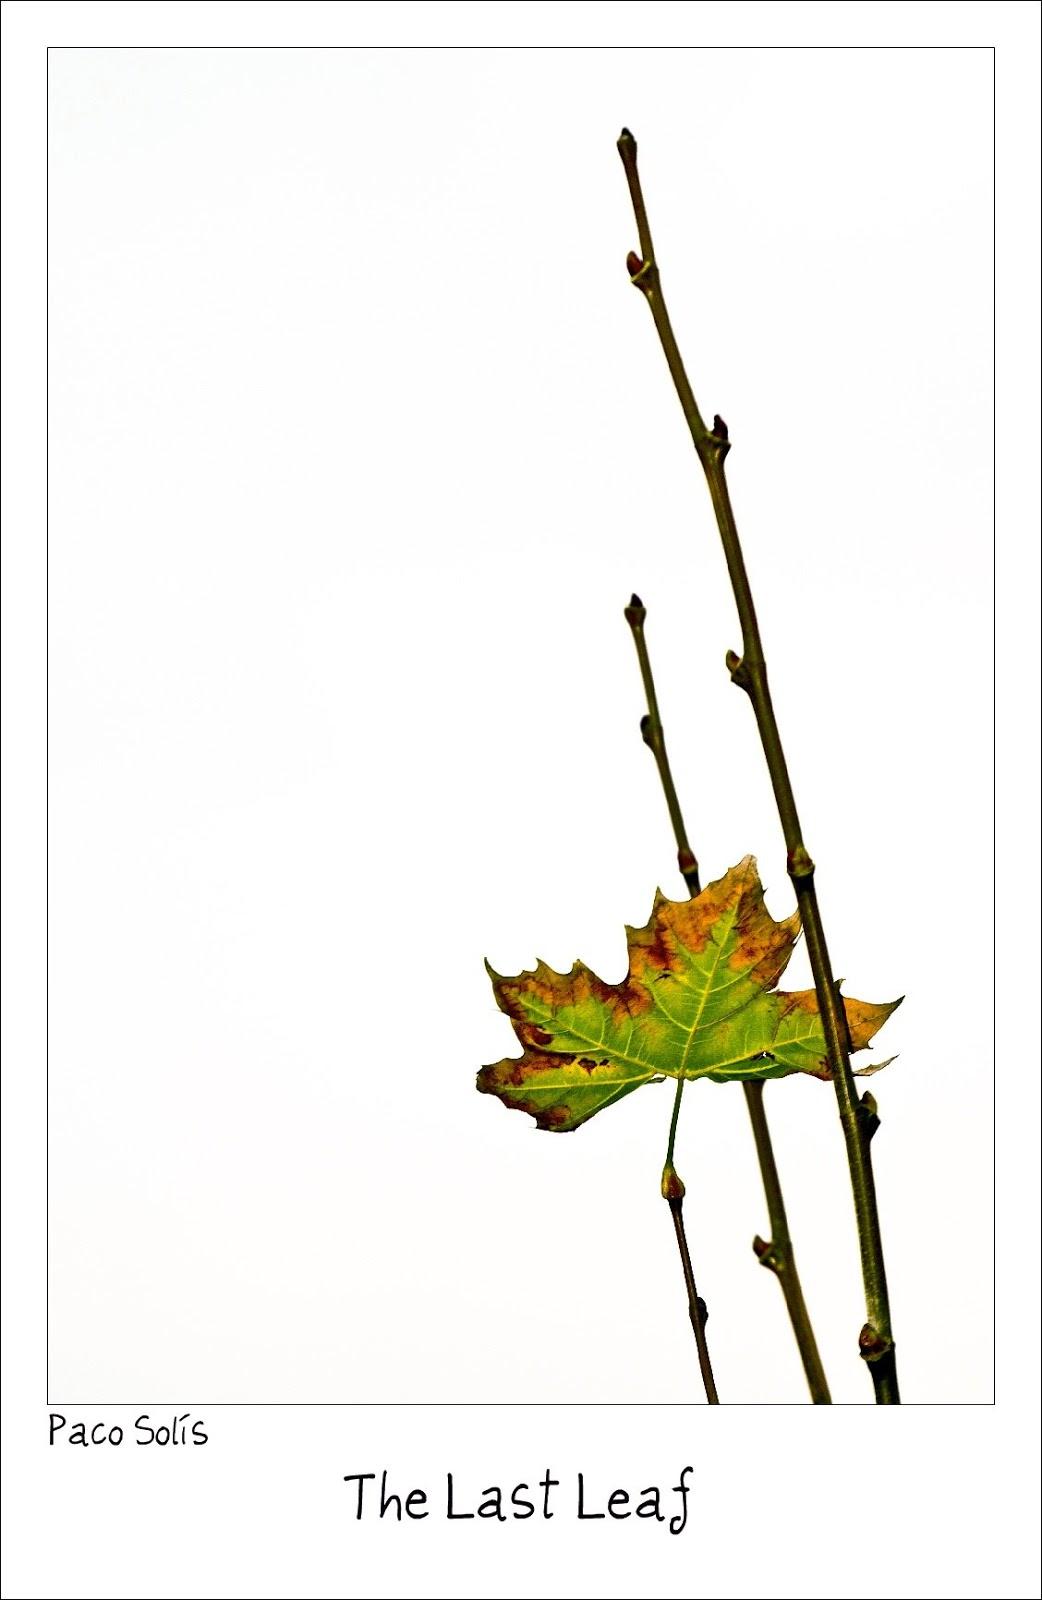 O・ヘンリーの『最後の葉っぱ』のイメージ:蔦の緑の縁が少し黄色に変色した葉っぱ